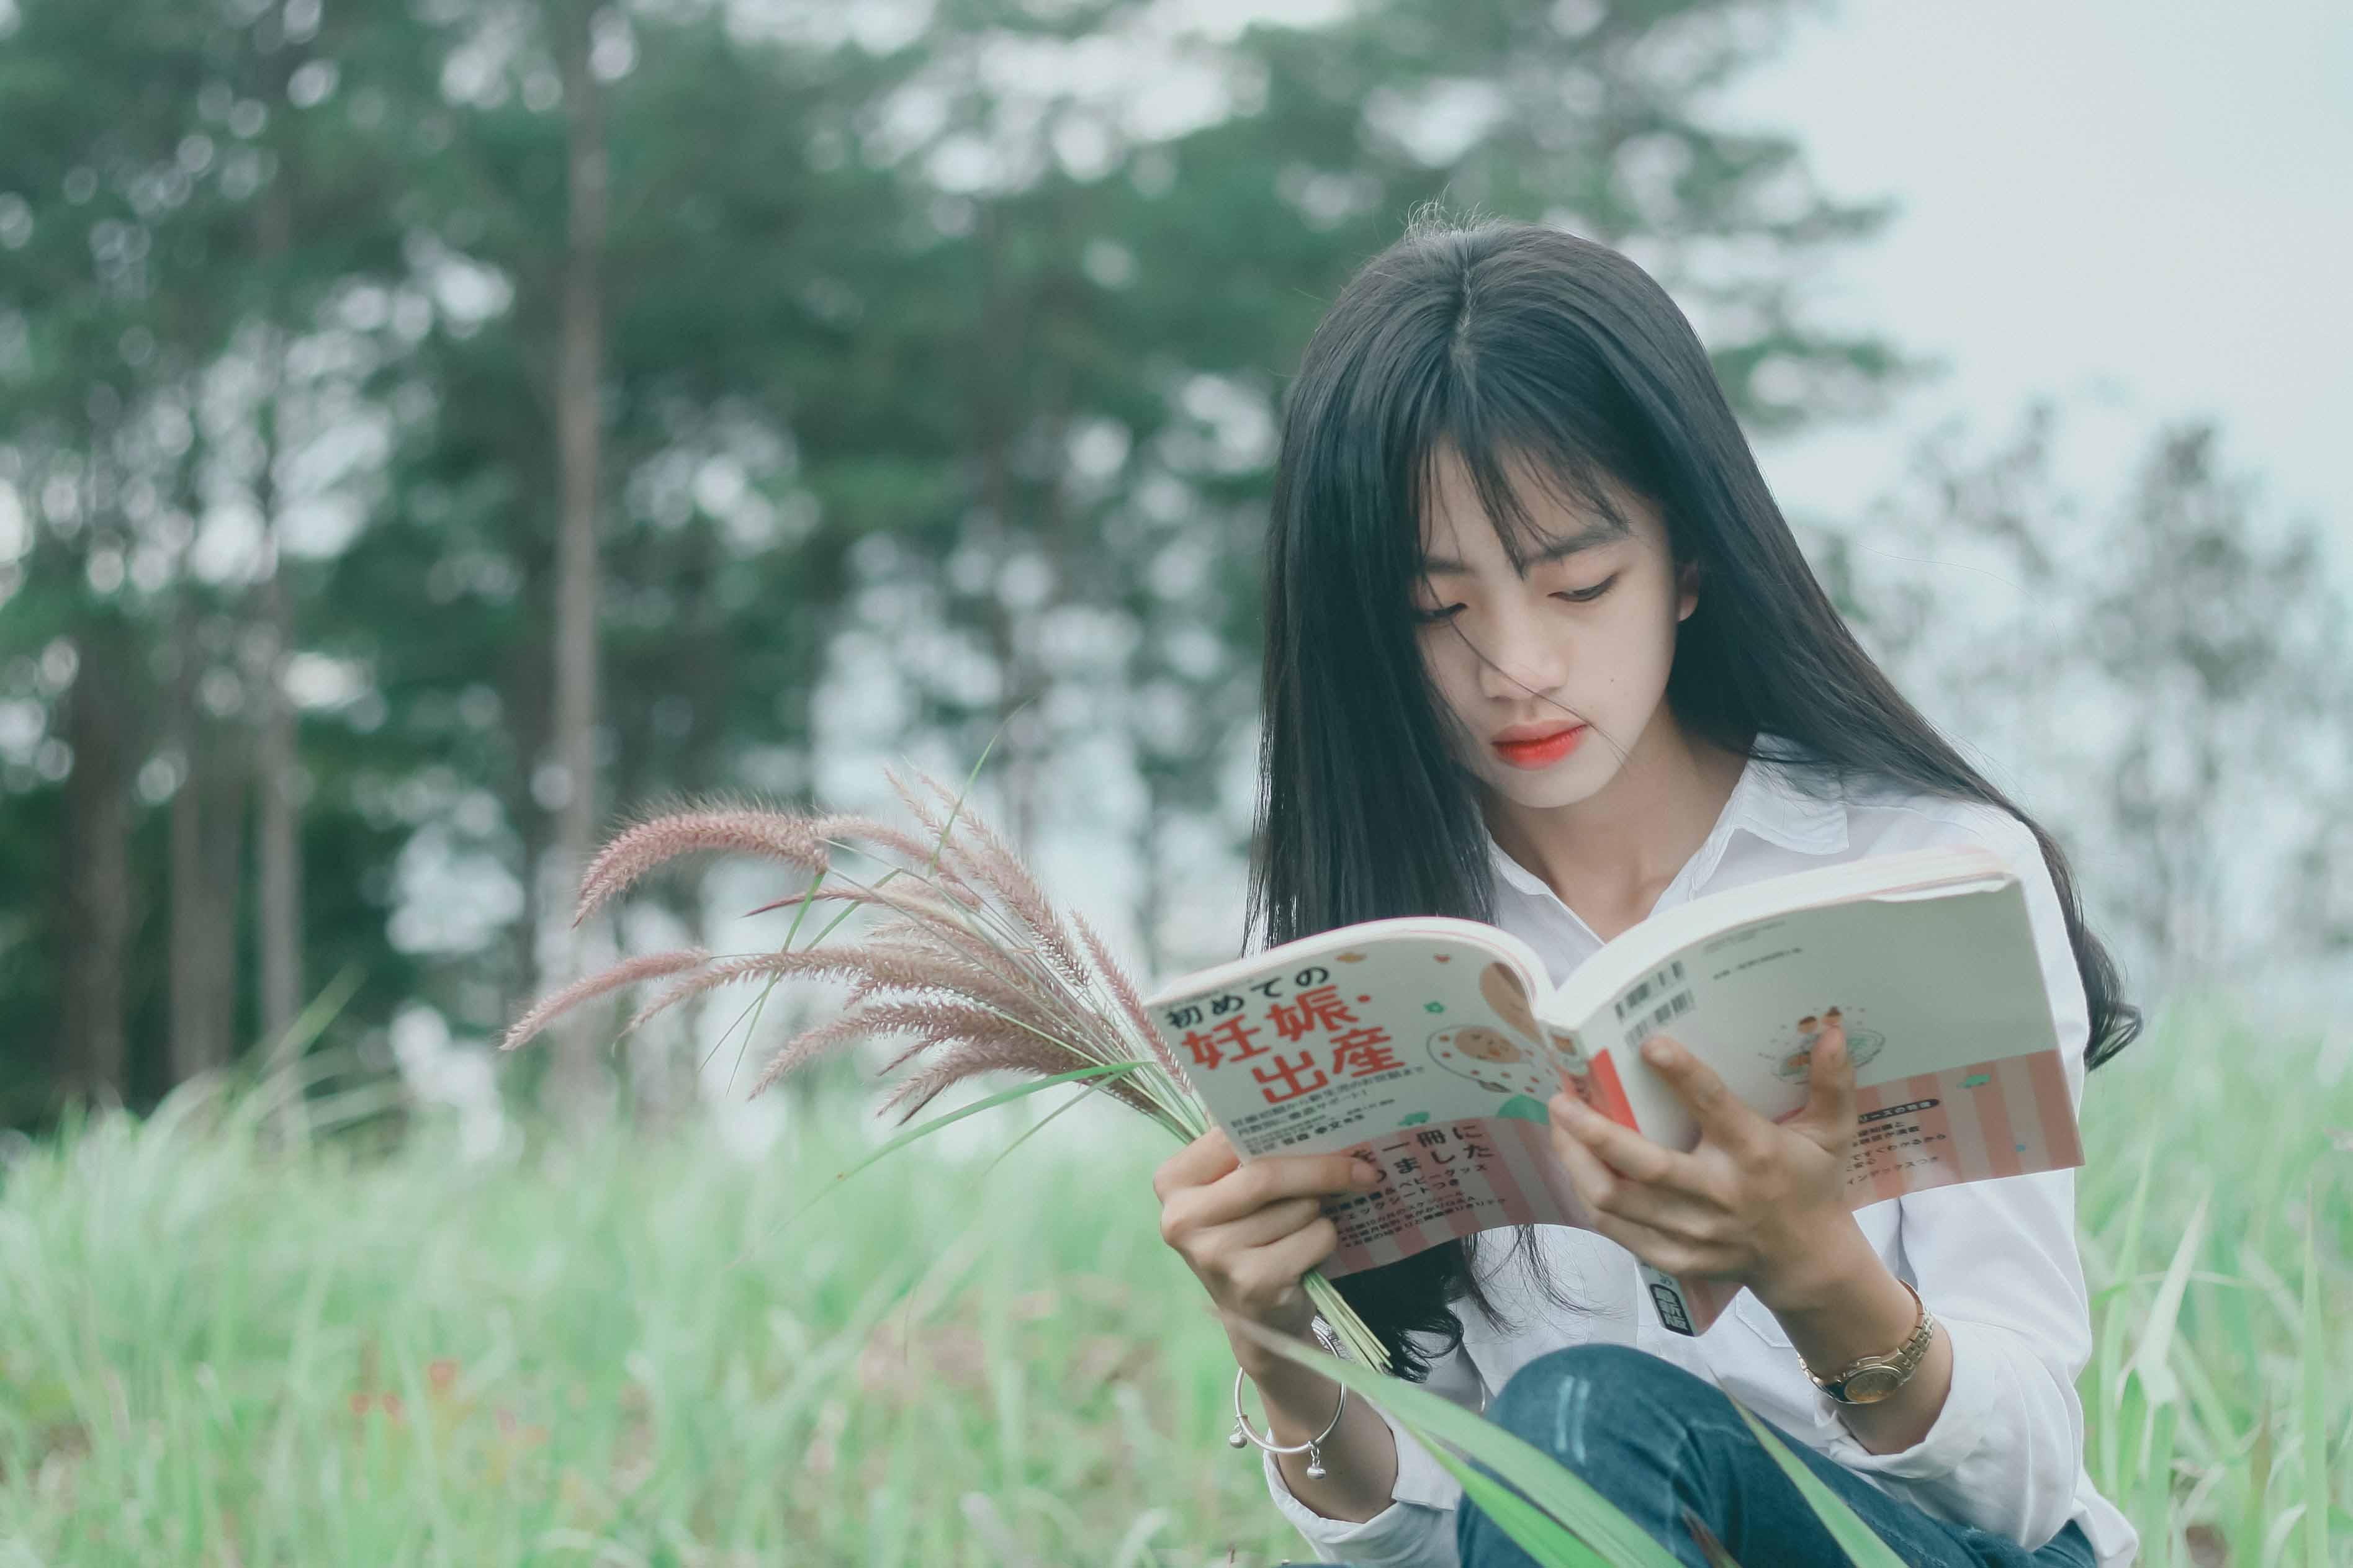 cô gái ngồi đọc sách trên đồng